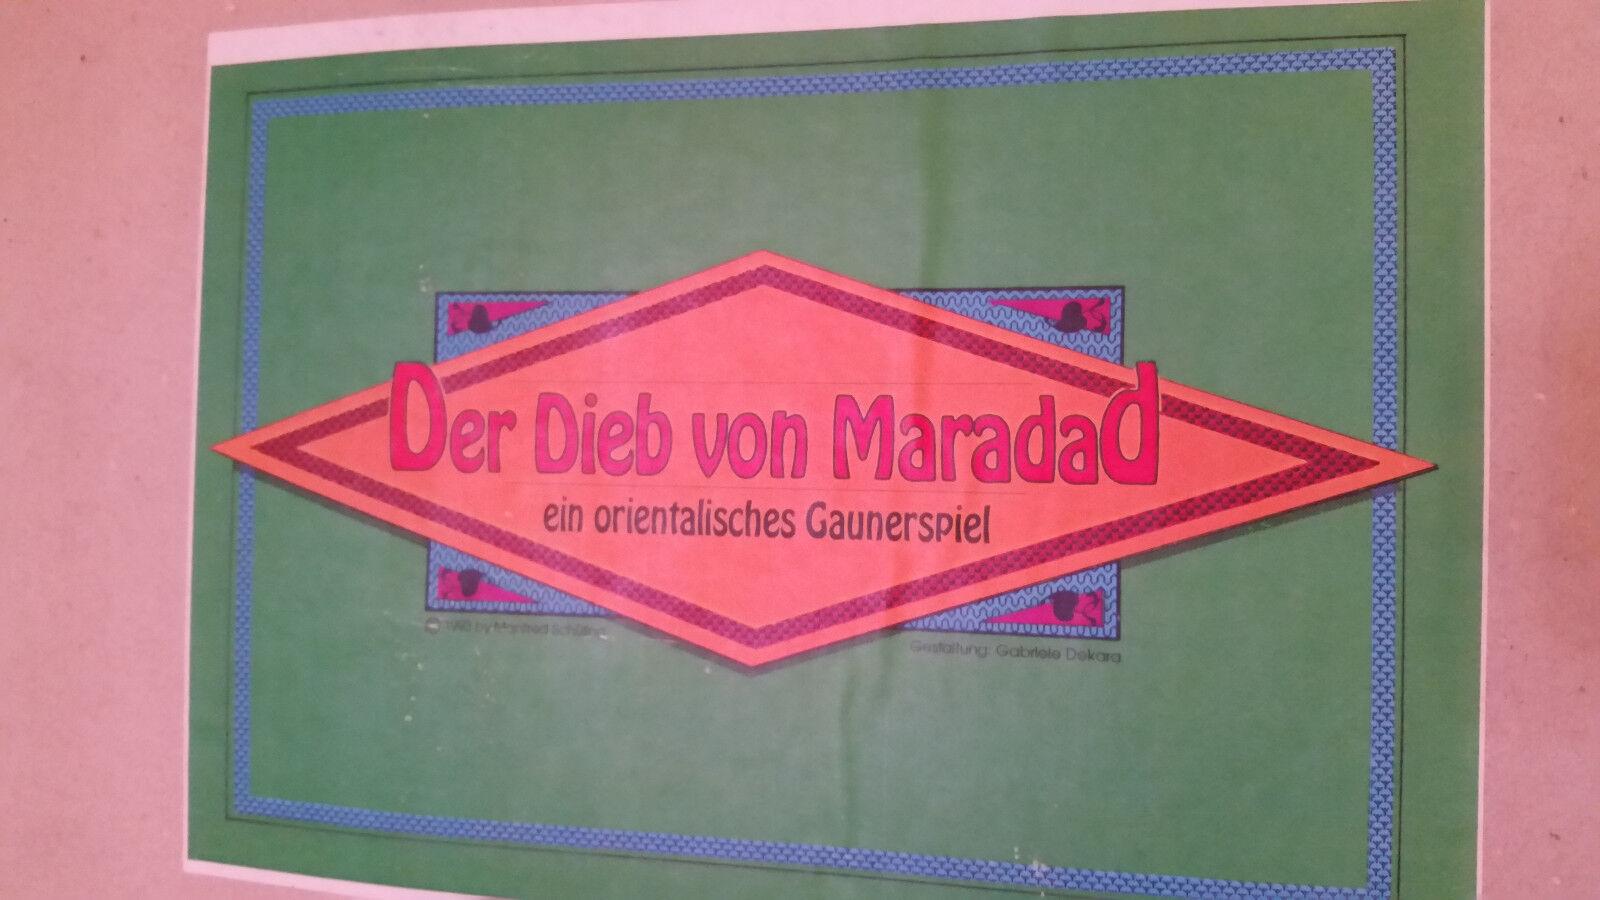 Der Dieb in von Maradad - Handarbeit in Dieb Holz 523013